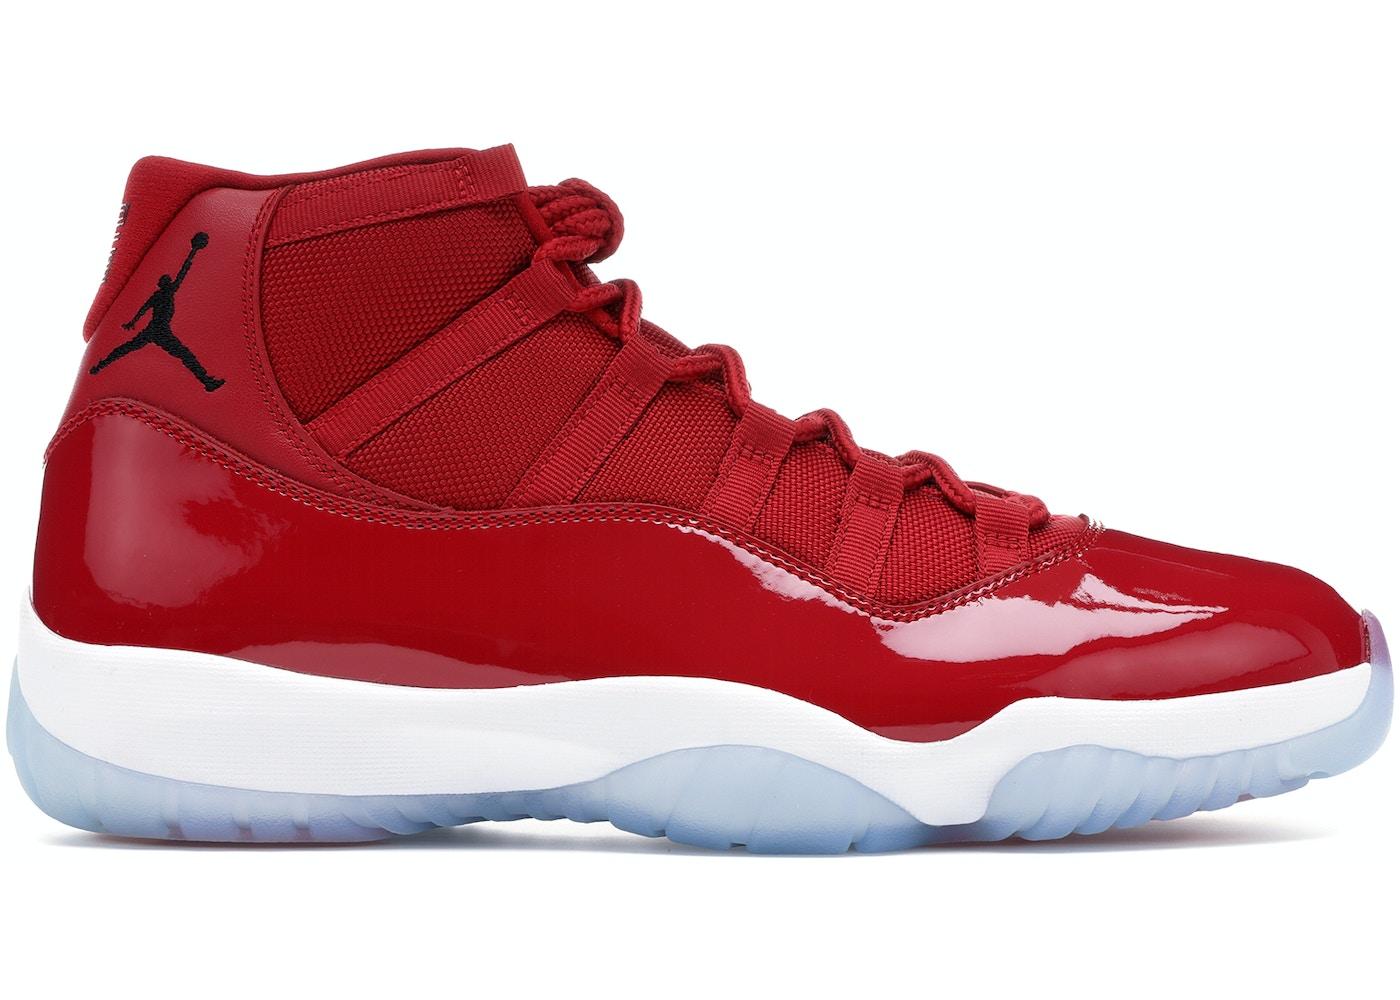 promo code 87368 1775b Buy Air Jordan 11 Shoes & Deadstock Sneakers